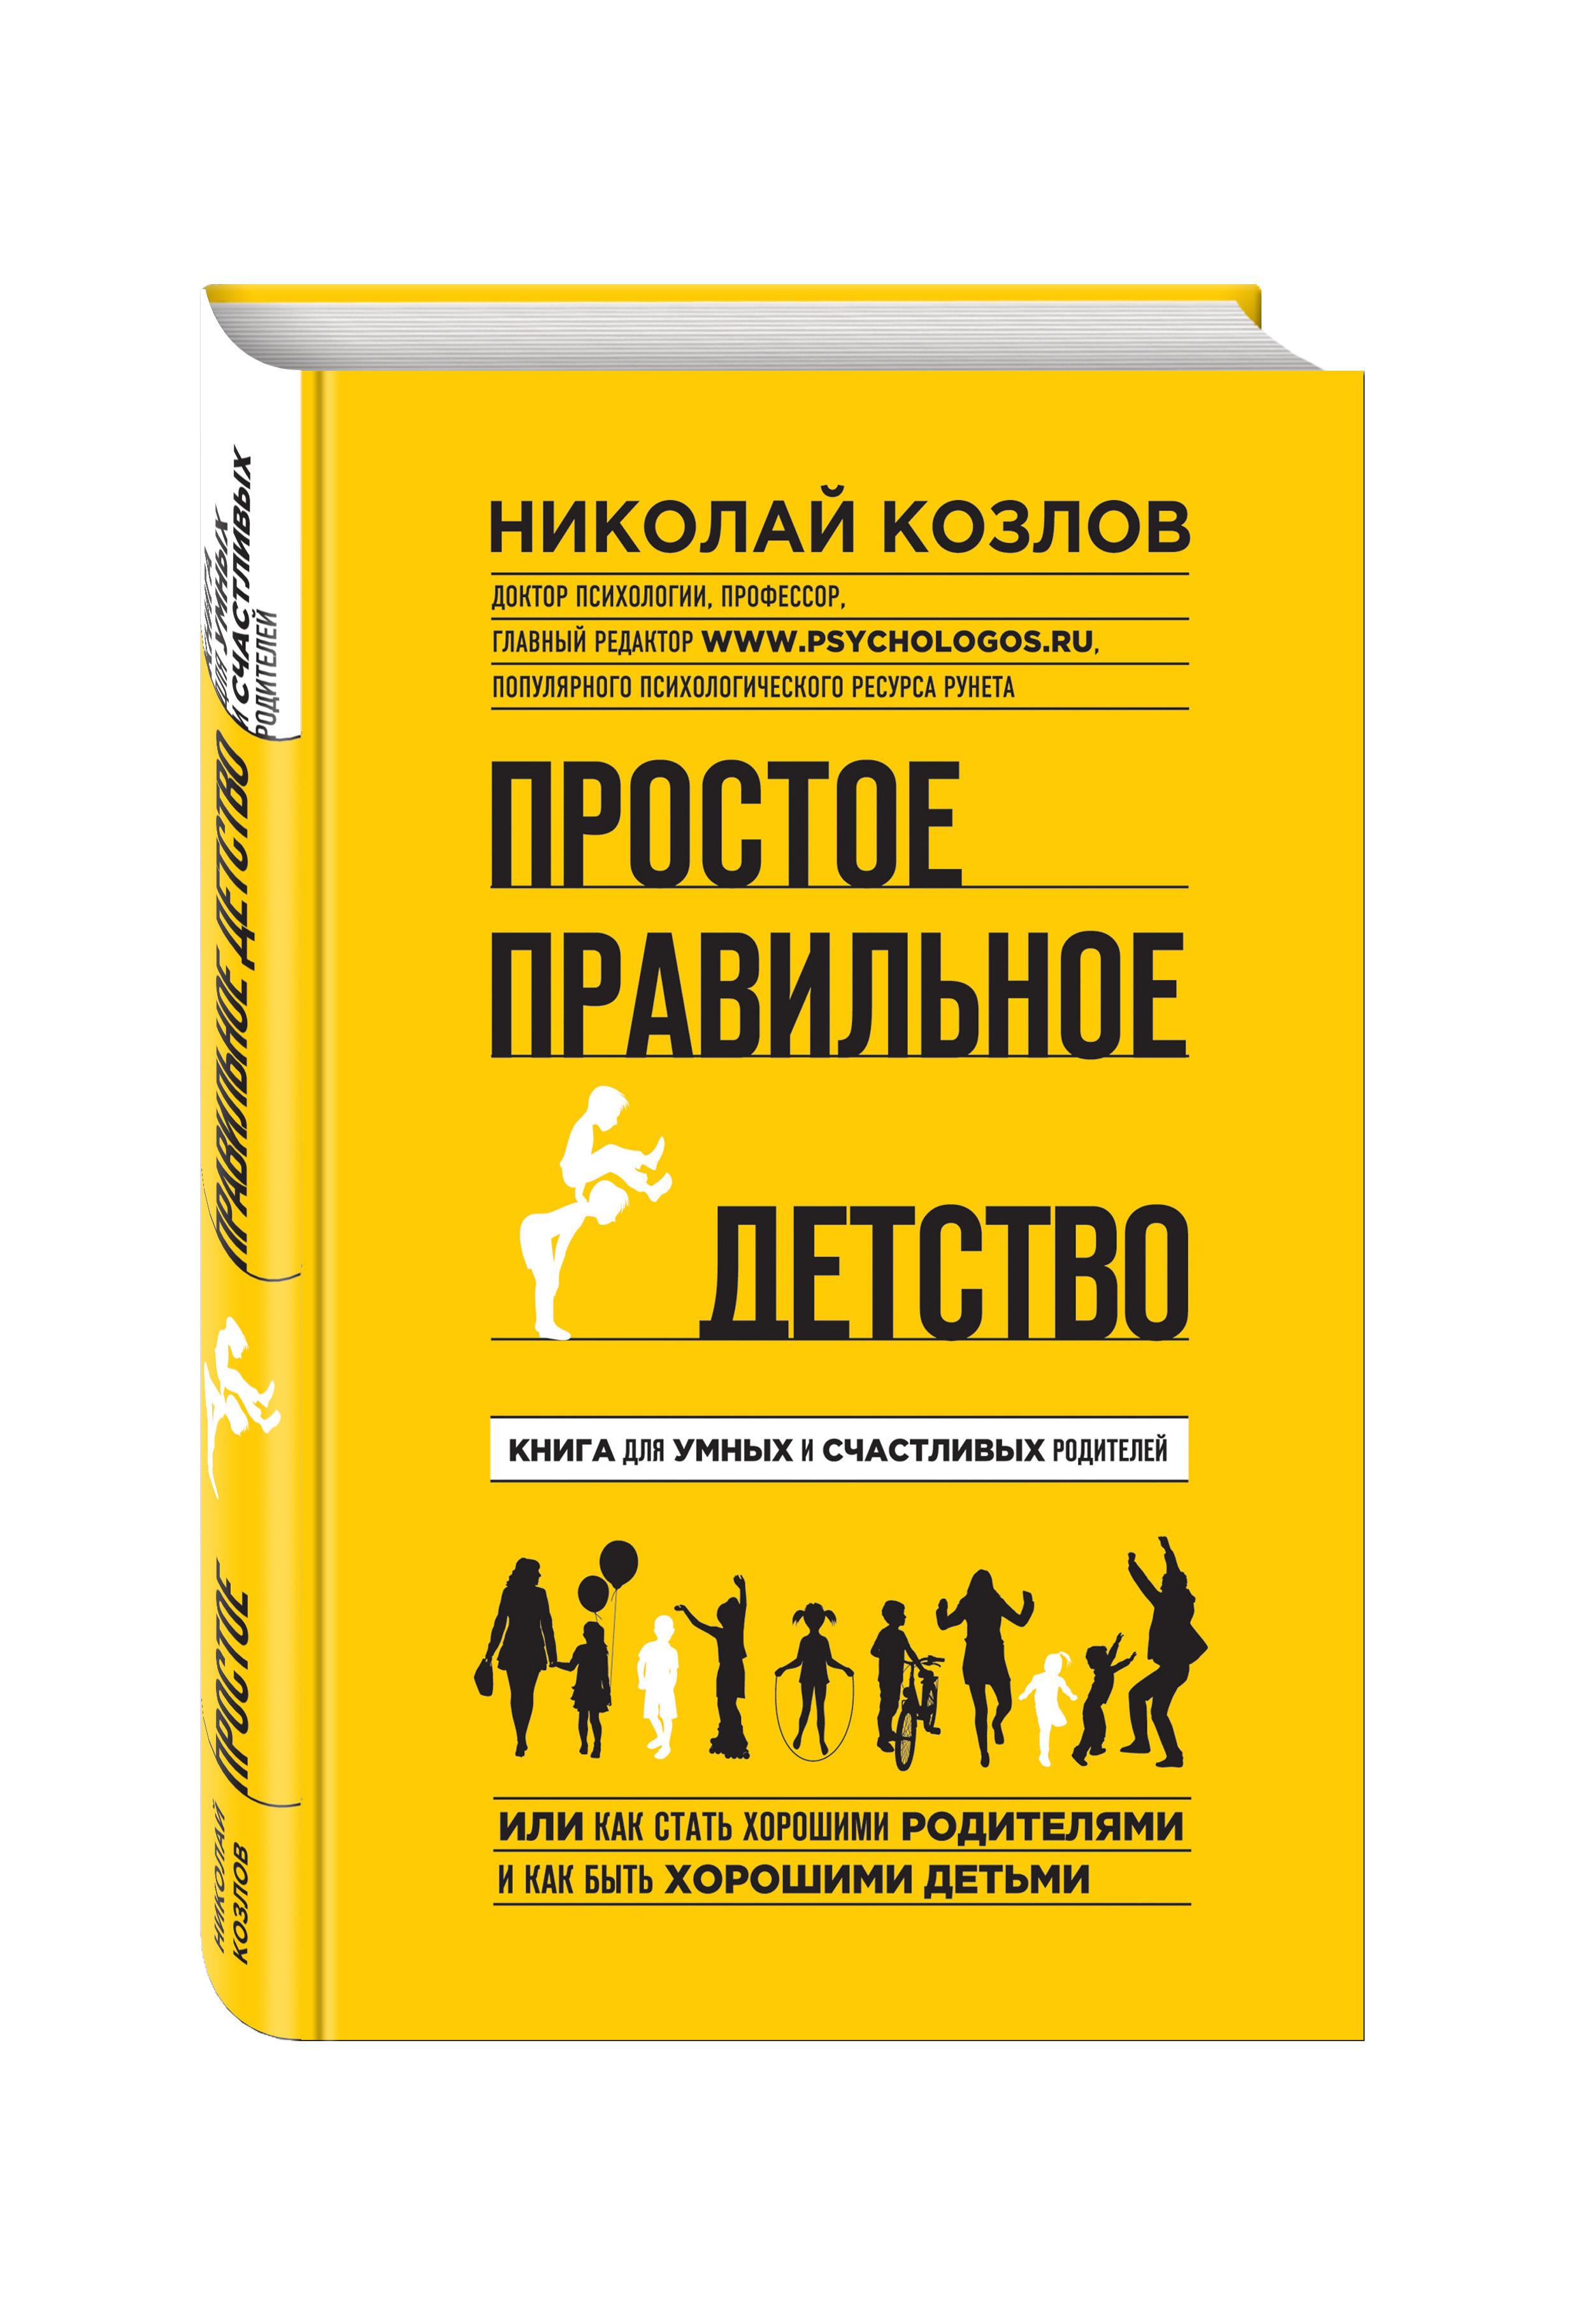 Козлов Н.И. Простое правильное детство. Книга для умных и счастливых родителей